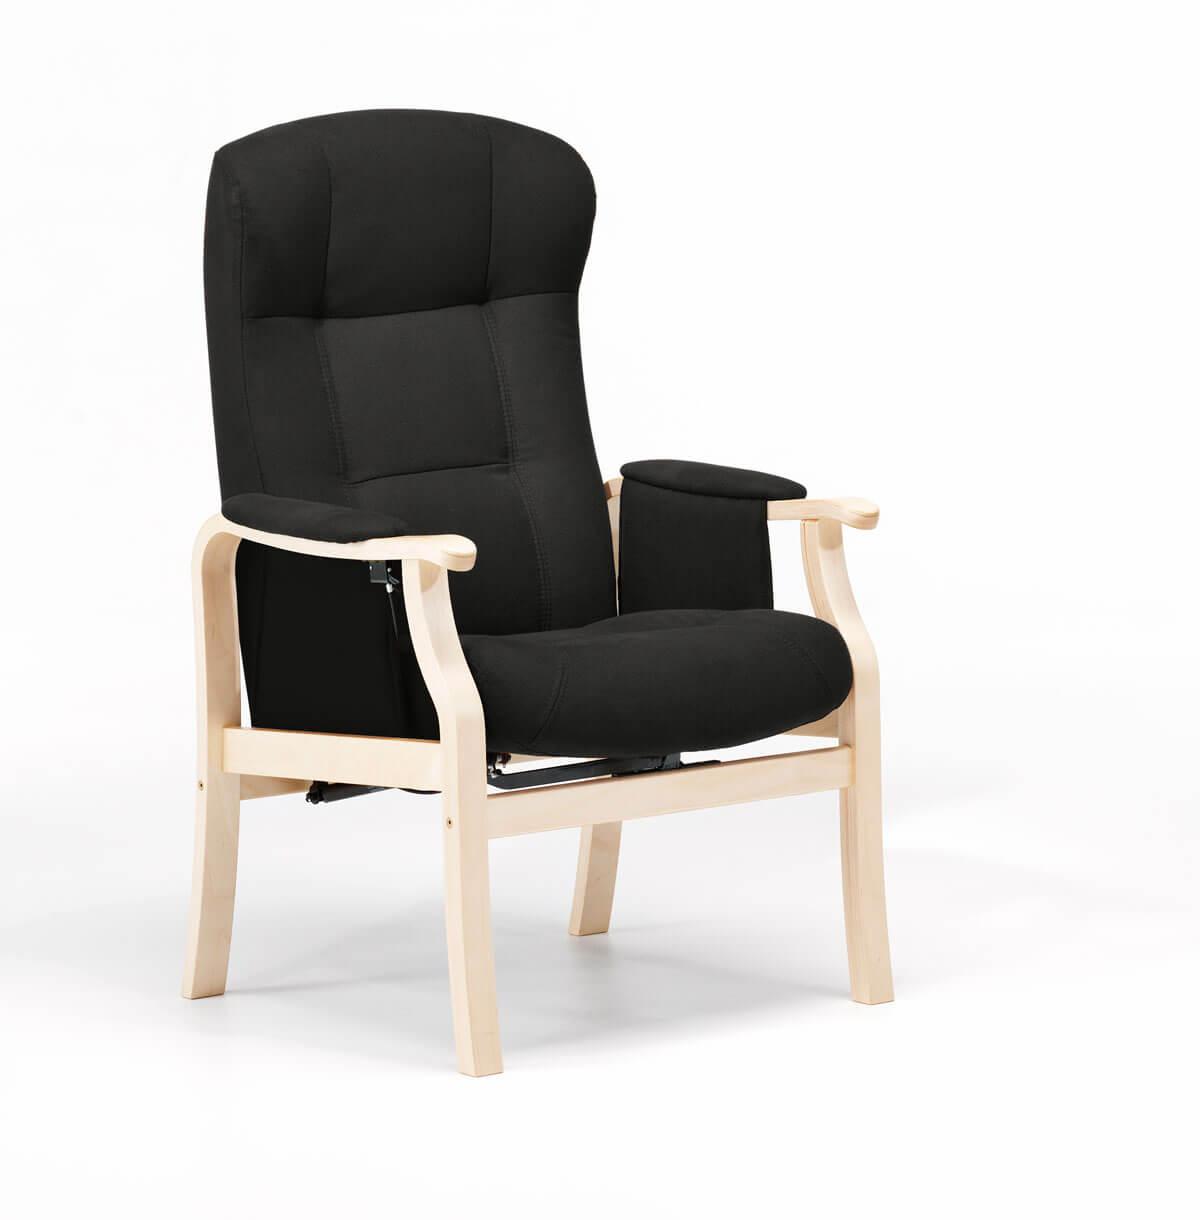 Nordic-c sorø standard seniorstol, eksl. skammel - antracitgrå fra nordic-c på boboonline.dk